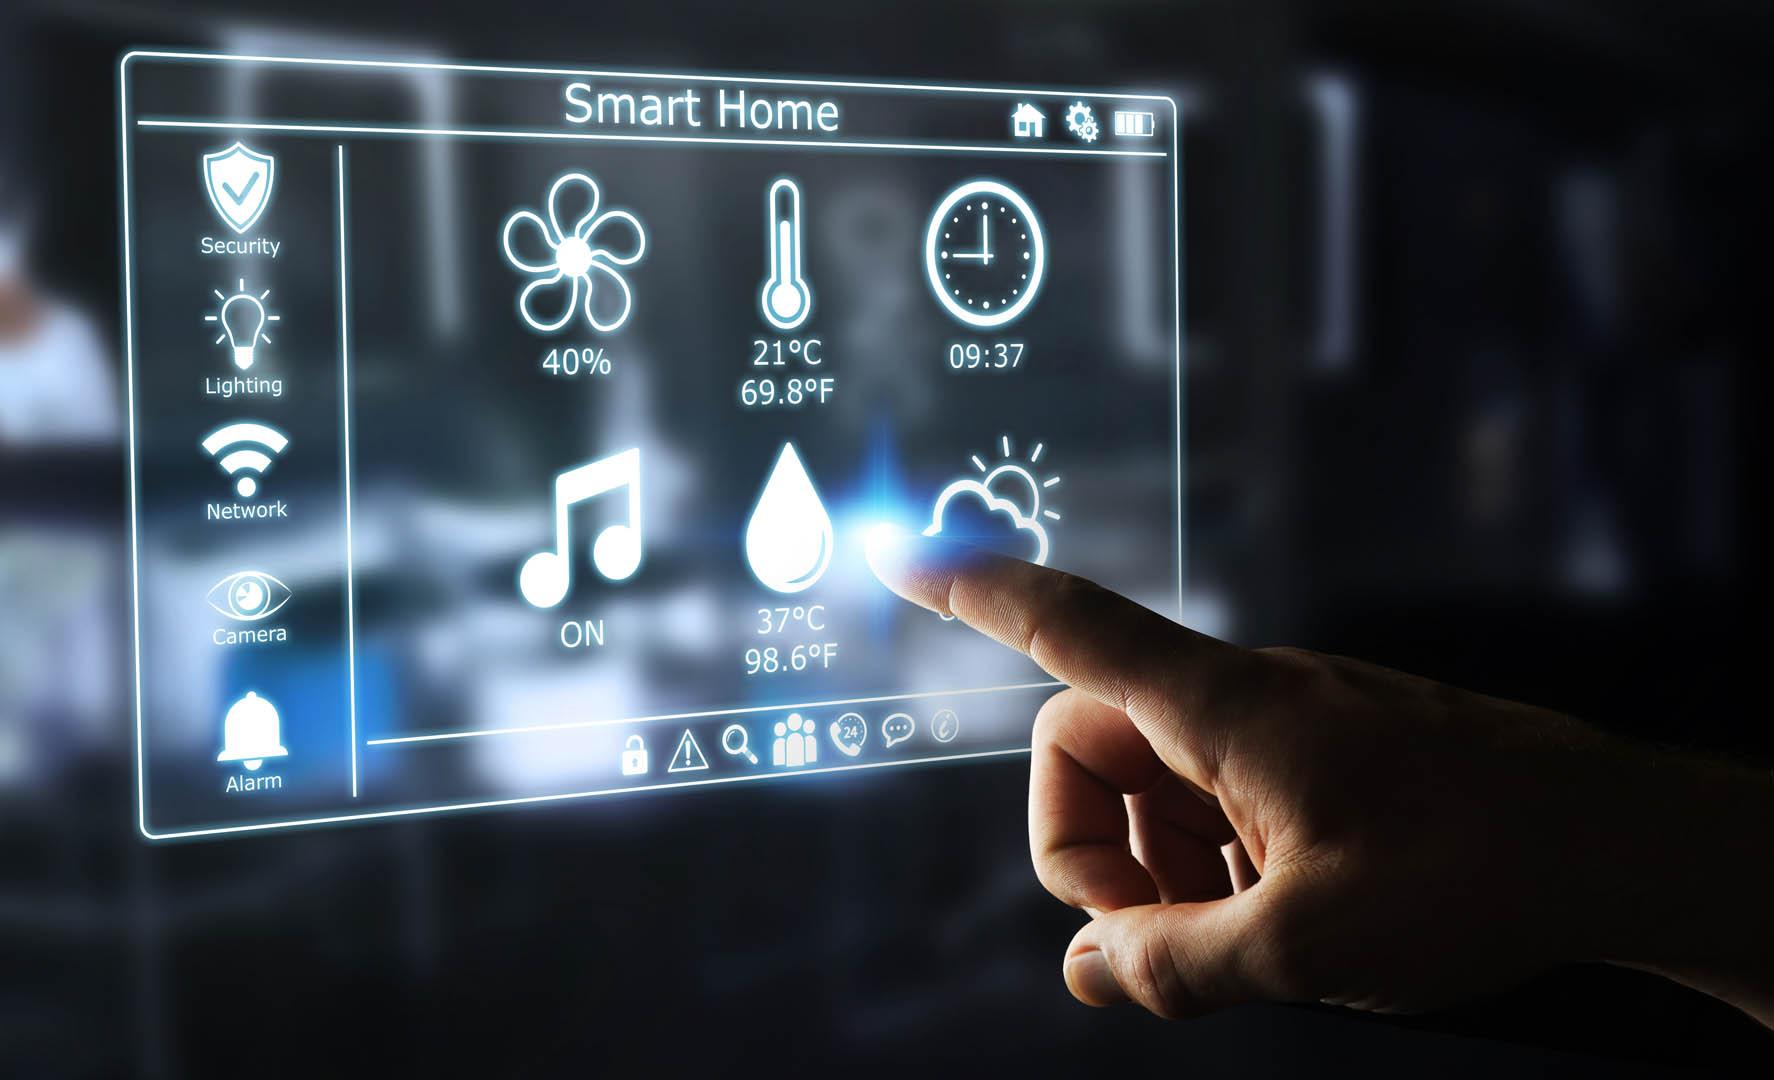 Soluções de IoT da Positivo Casa Inteligente